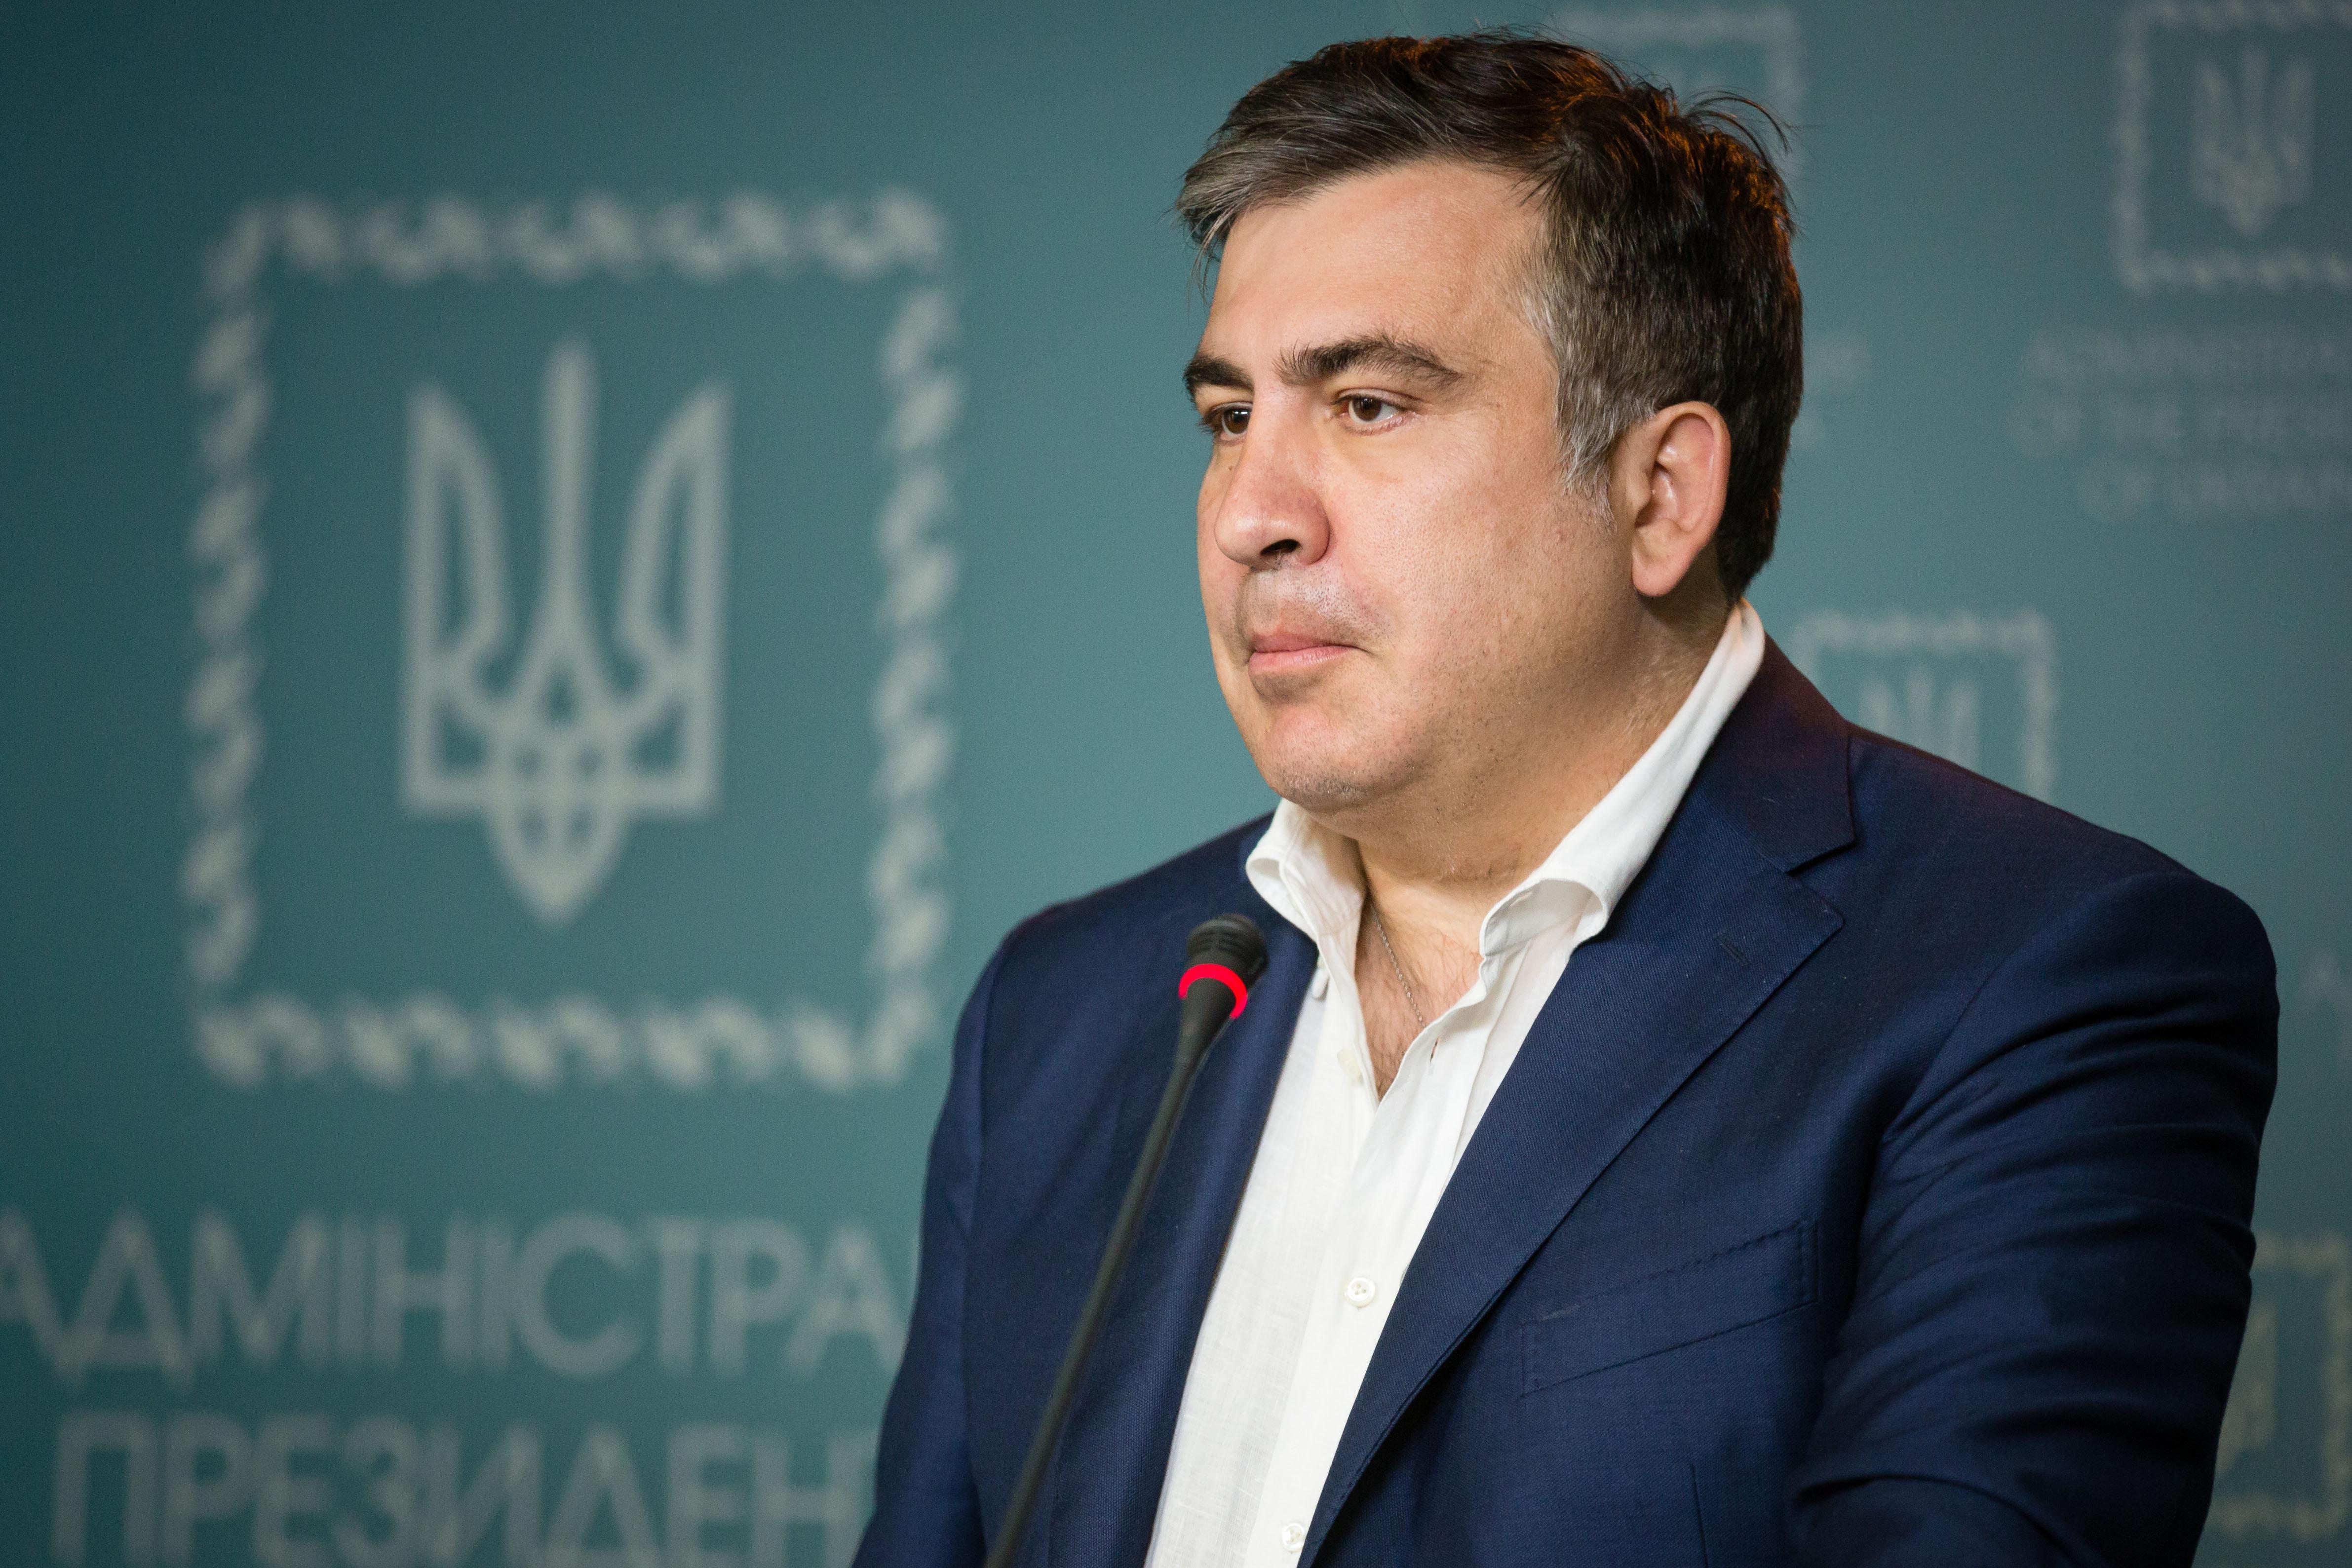 Саакашвили: Сакварелидзе уволили по требованию местной сепаратистской мафии во главе с Киваловым и Голубевым